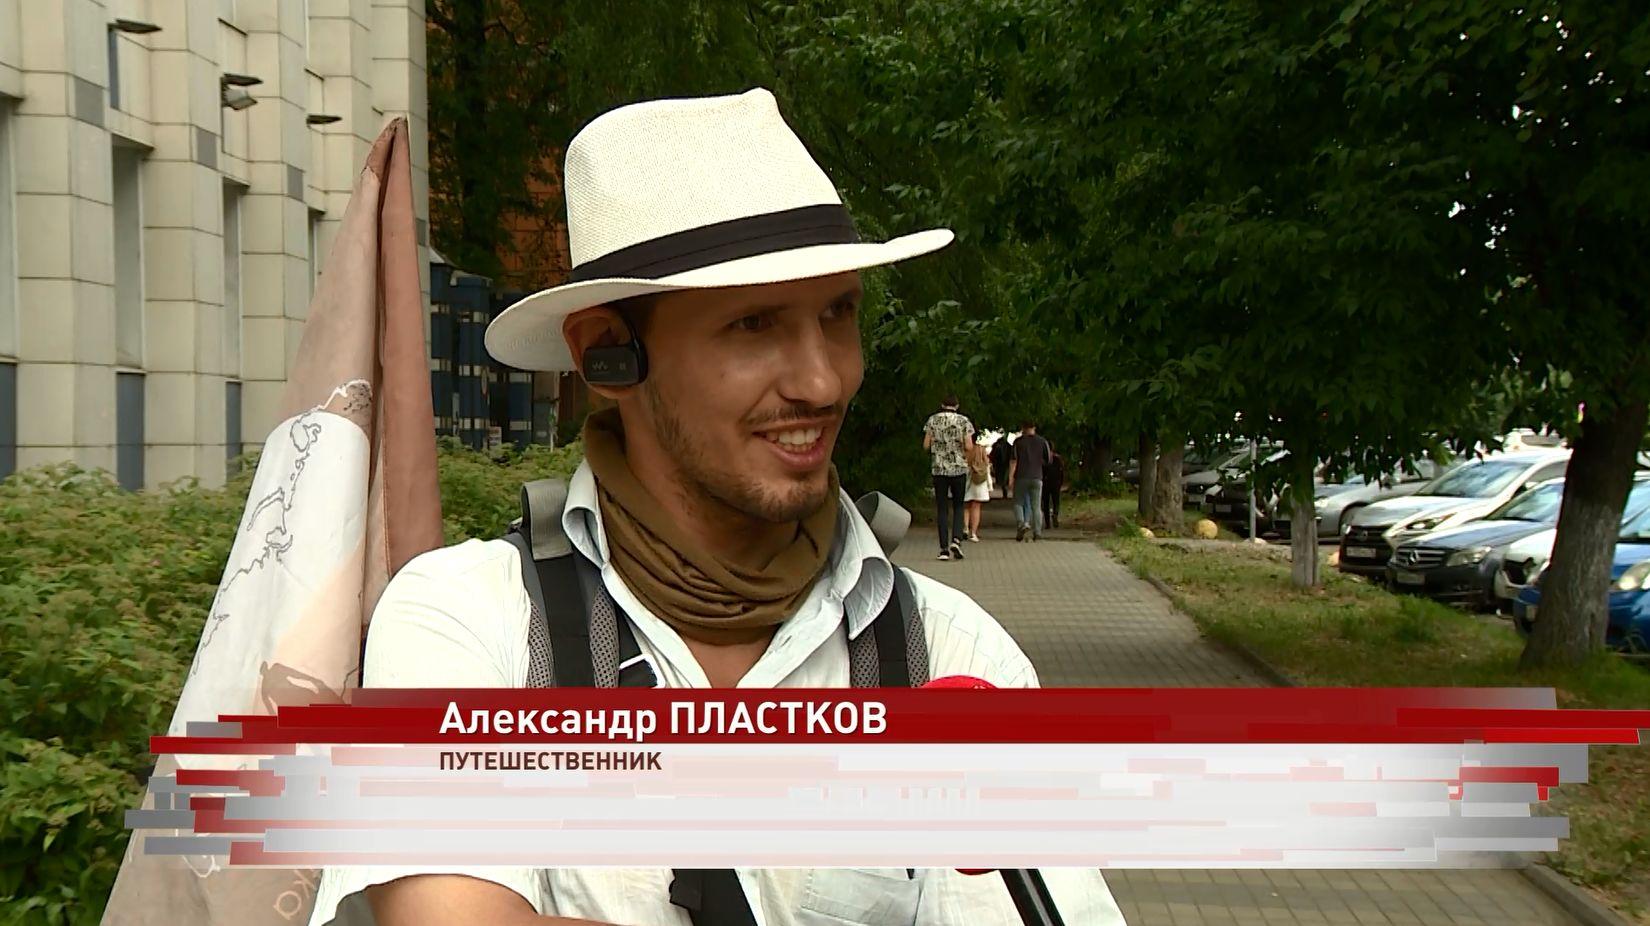 Необычный путешественник Александр Пластков добрался до Ярославля